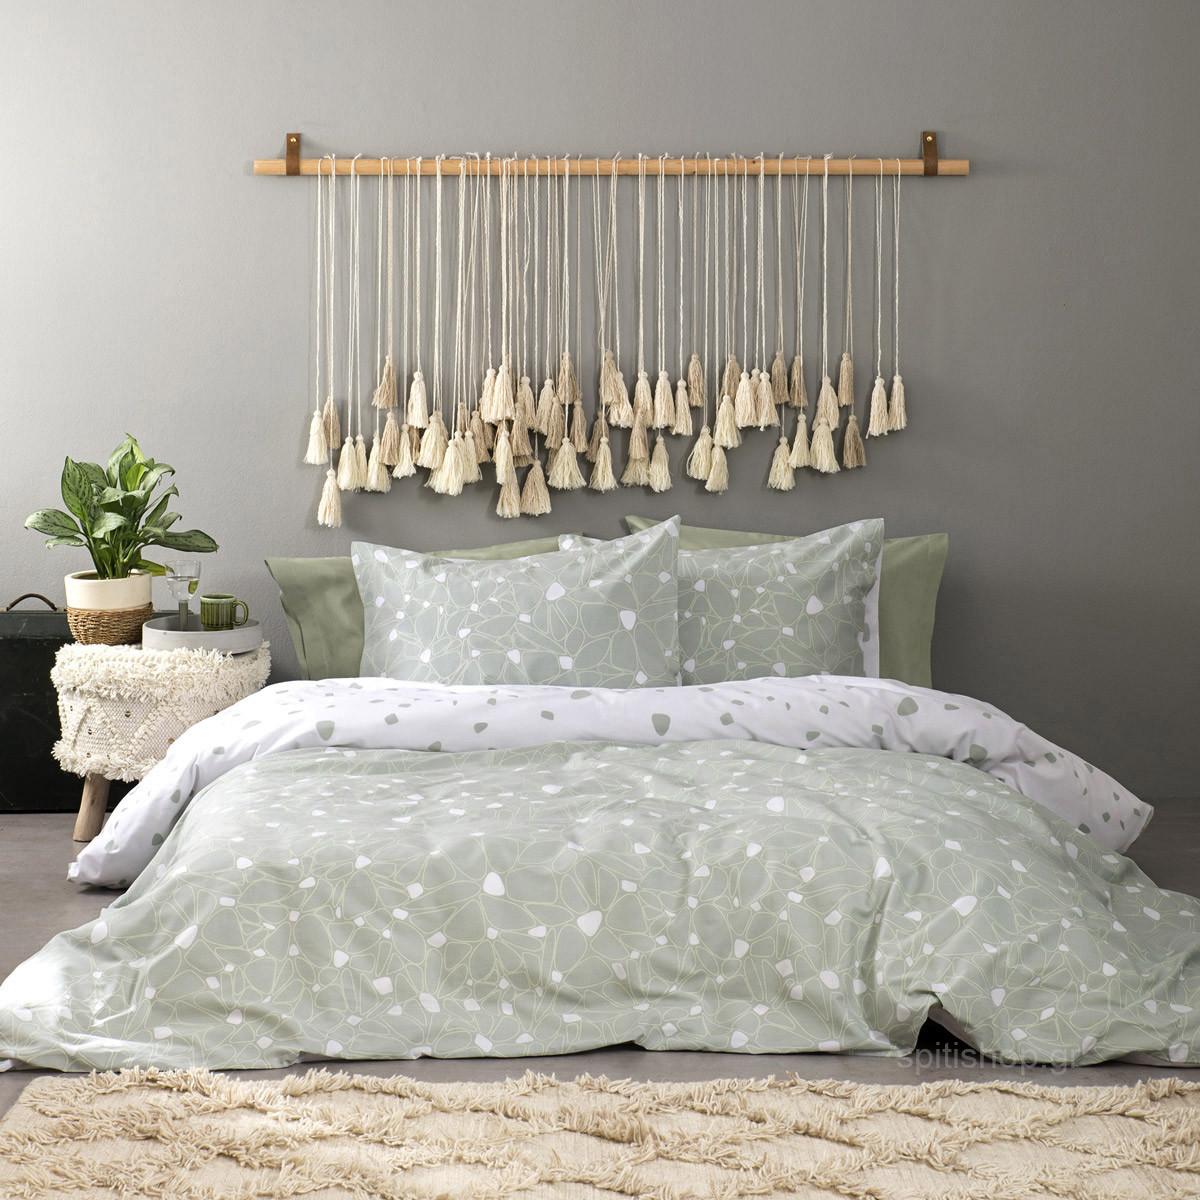 Σεντόνια Υπέρδιπλα (Σετ) Nima Bed Linen Fleur Green ΜΕ ΛΑΣΤΙΧΟ ΜΕ ΛΑΣΤΙΧΟ